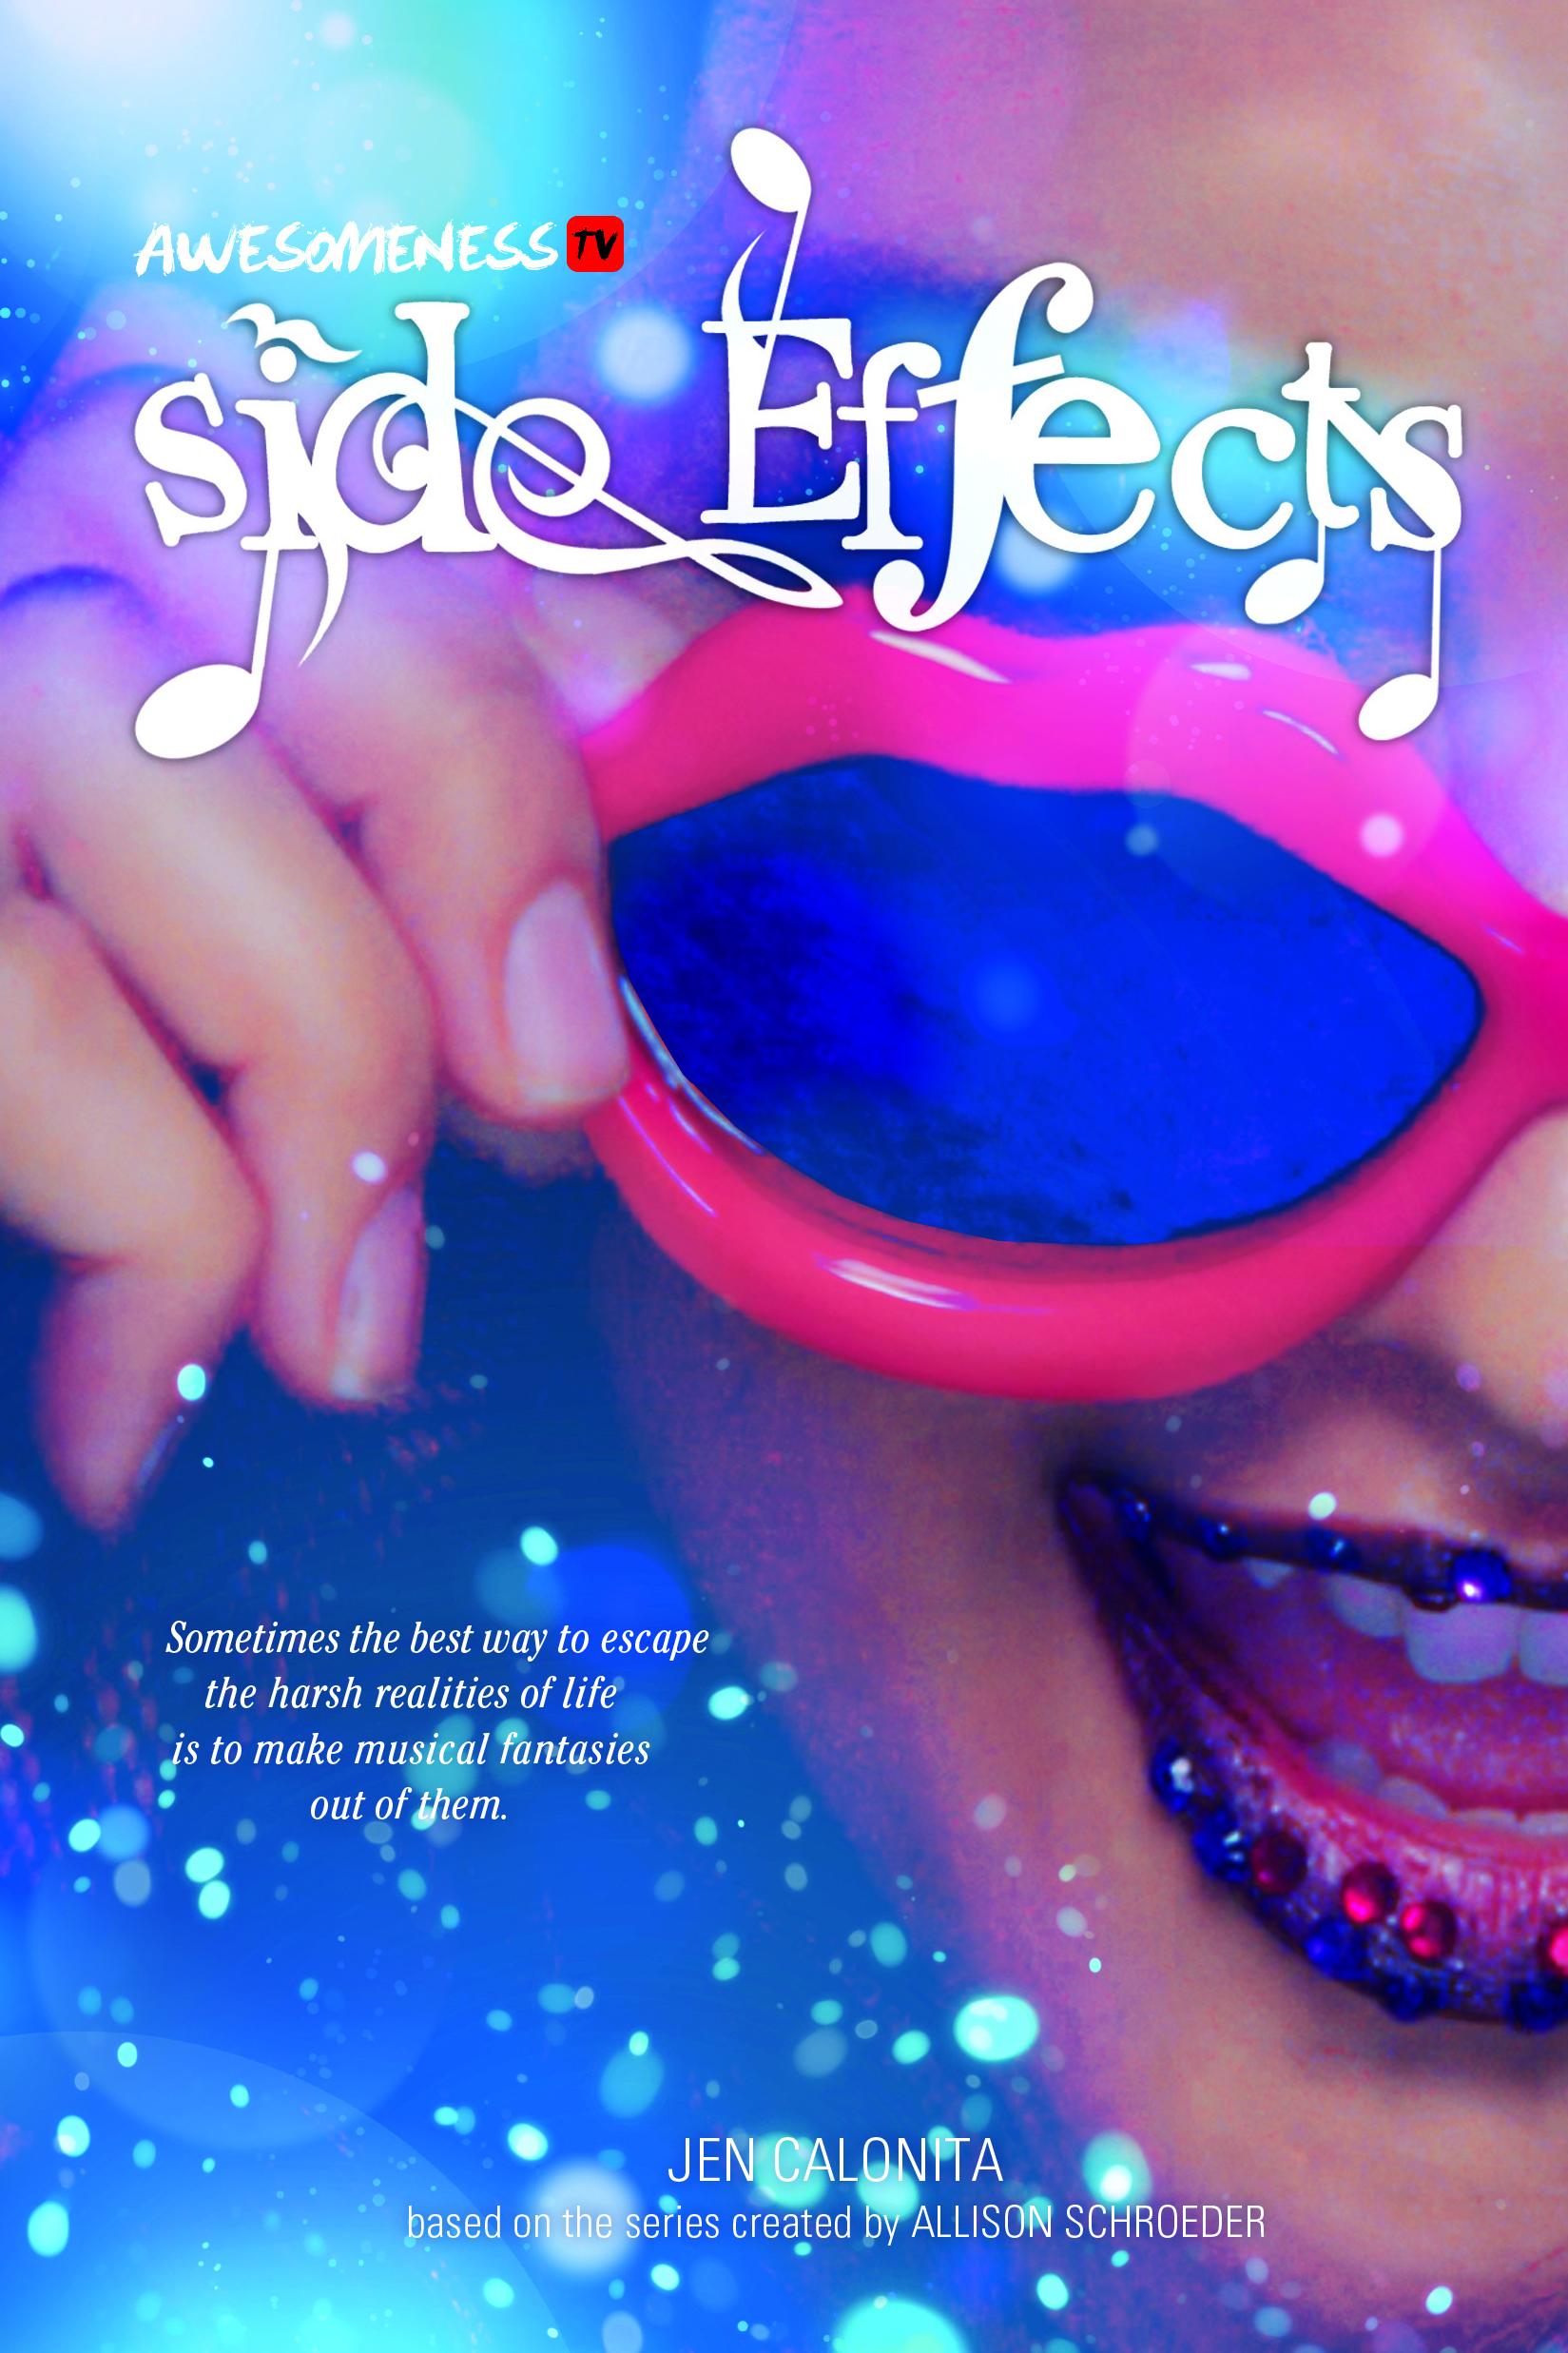 jen-calonita-side-effects.jpg